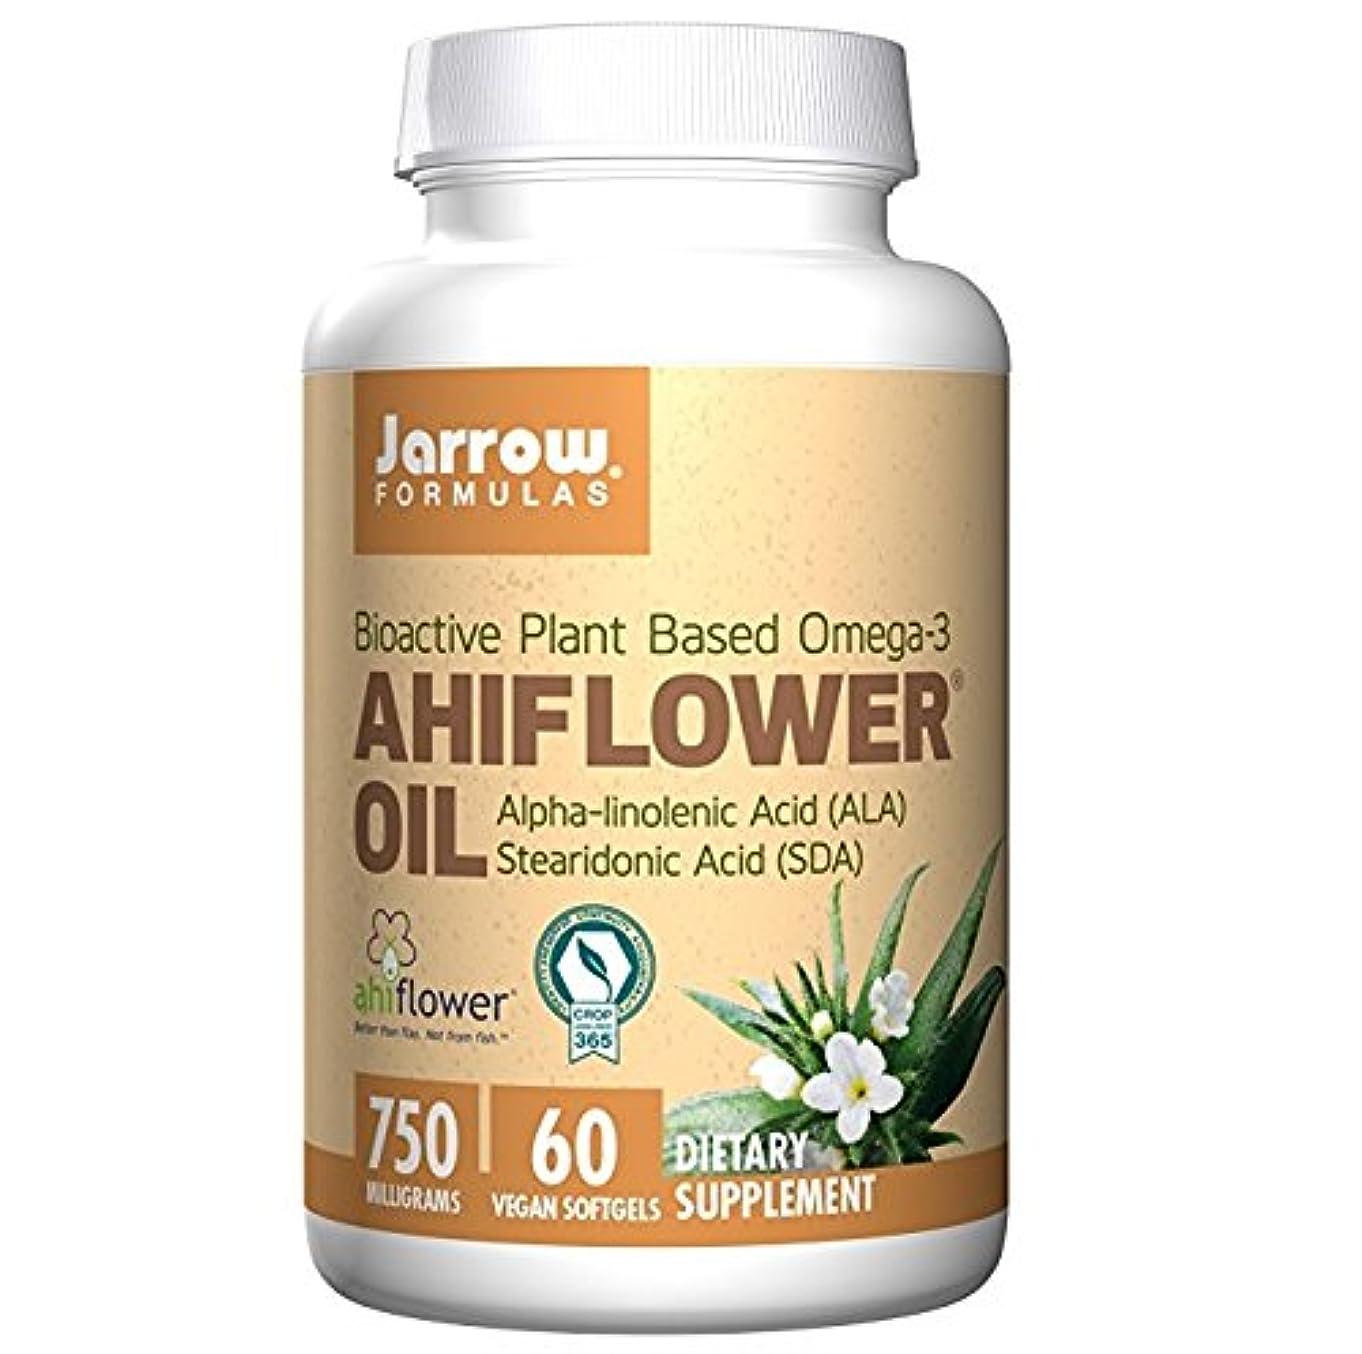 十分ではない補体共役【海外直送品】Jarrow Formulas - Ahiflower Oil - 60ソフトジェル アヒフラワー